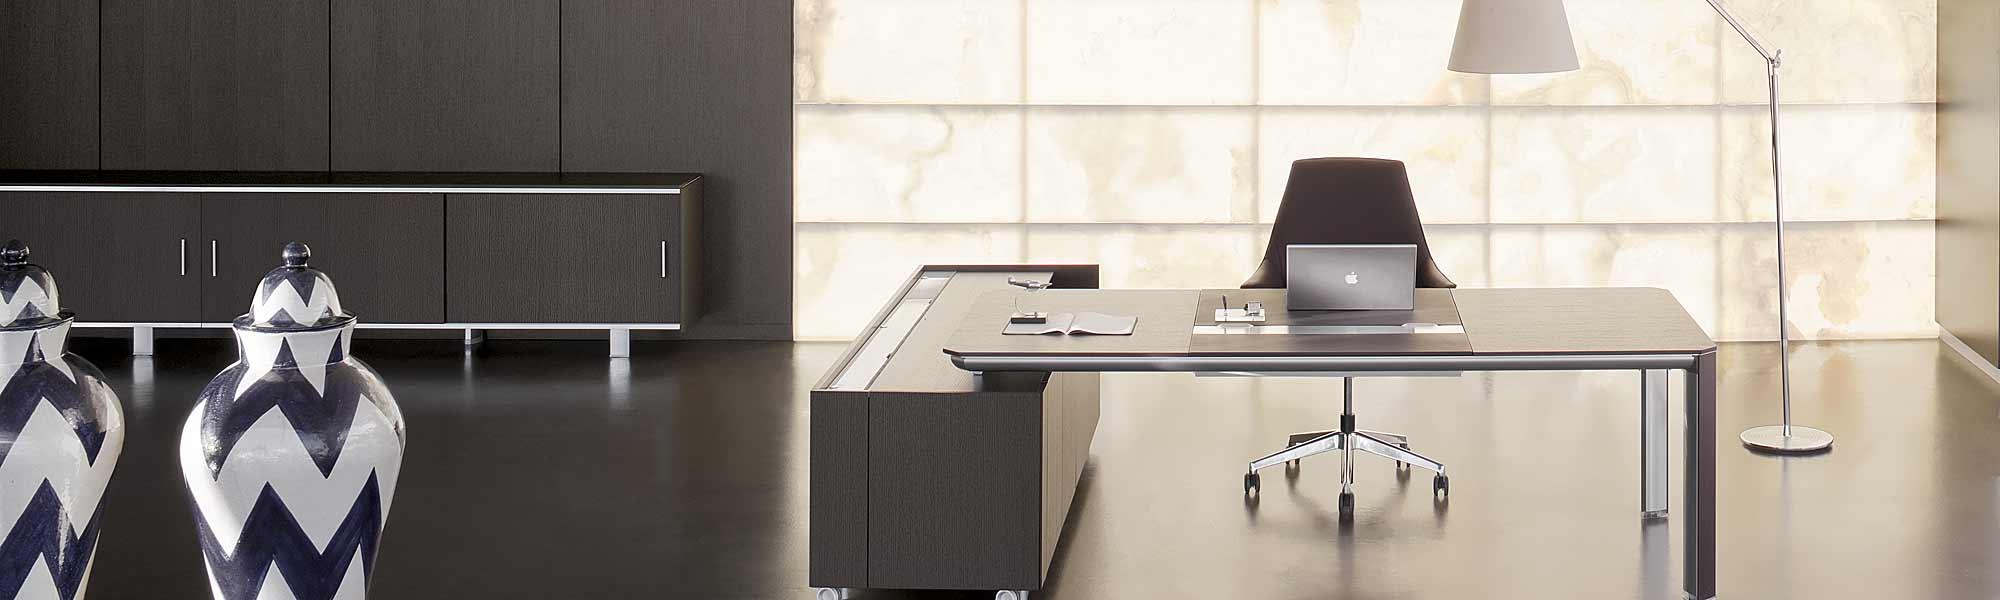 mobili-per-ufficio | mycontract.it